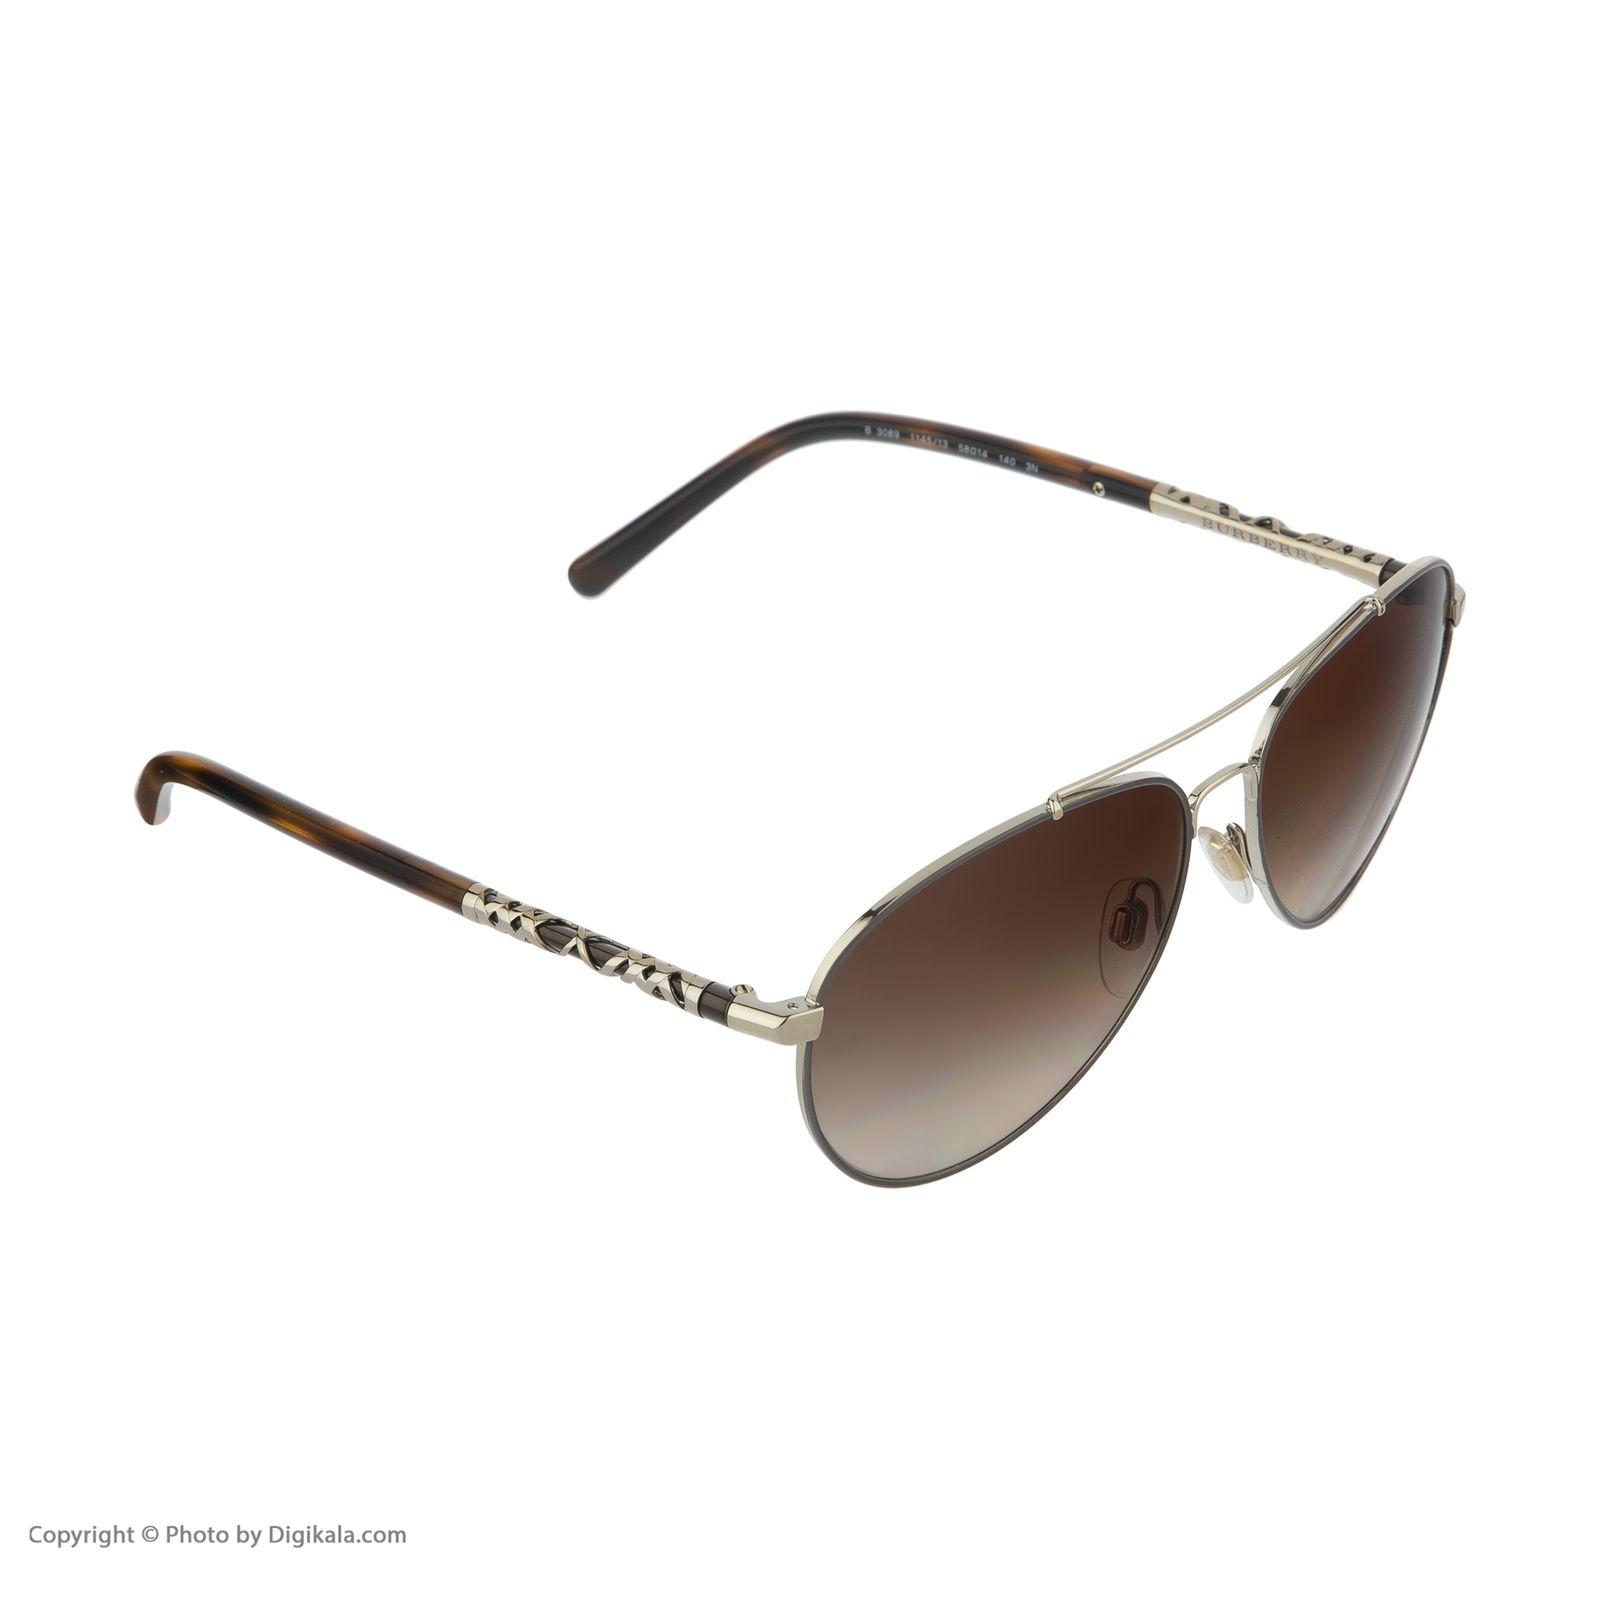 عینک آفتابی زنانه بربری مدل BE 3089S 114513 58 -  - 4